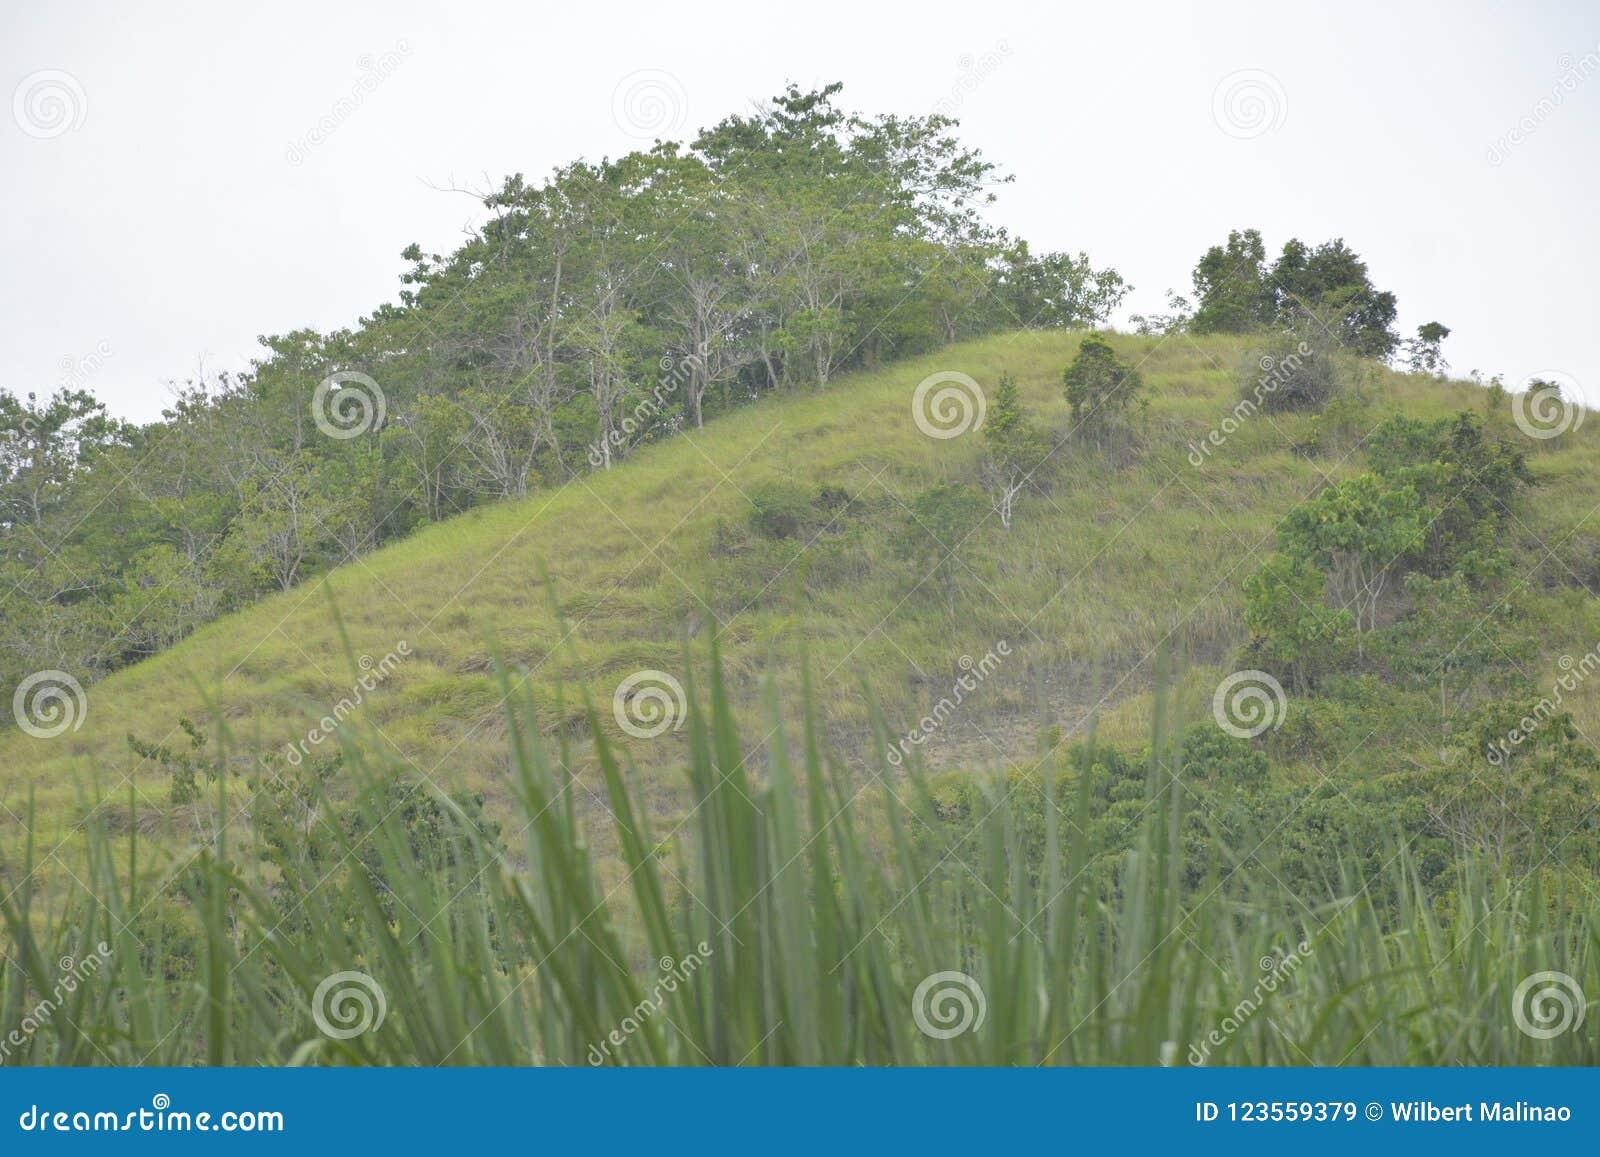 种田在Mahayahay, Hagonoy,南达沃省,菲律宾的山地